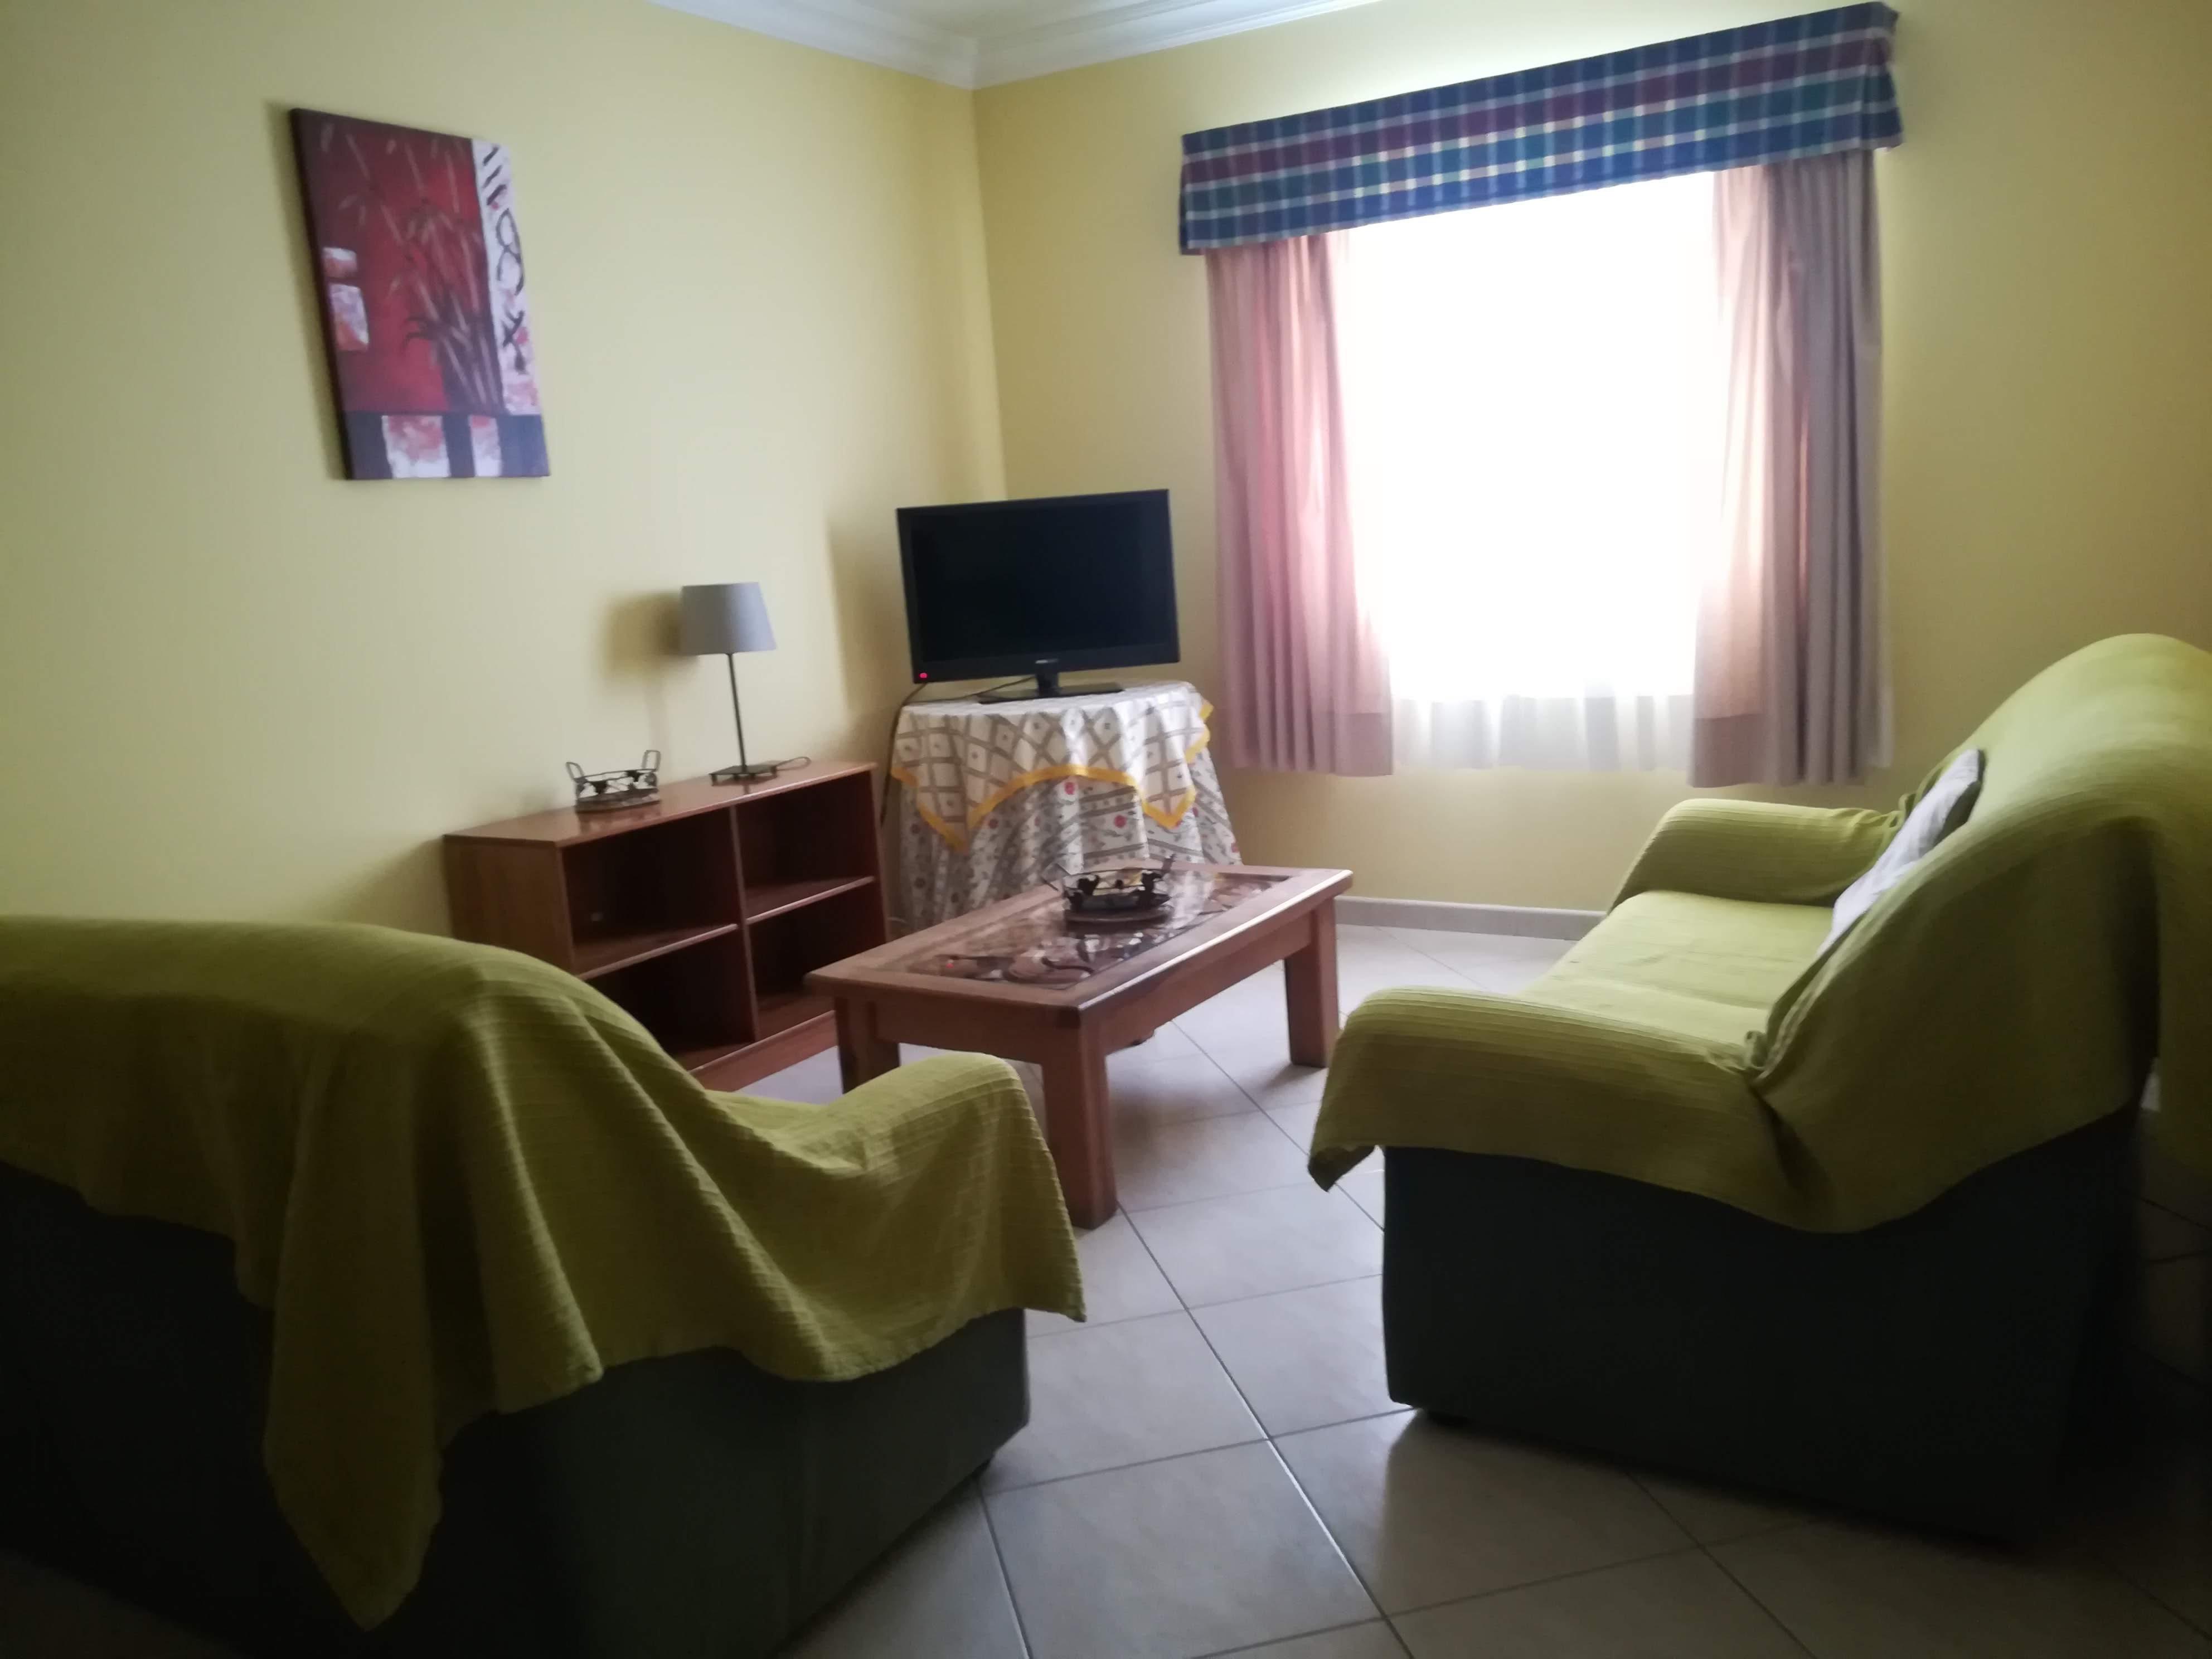 Location appartements et villas de vacance, Apartamento com terraço, perto da praia à Armação de Pêra, Portugal Algarve, REF_IMG_9160_9164